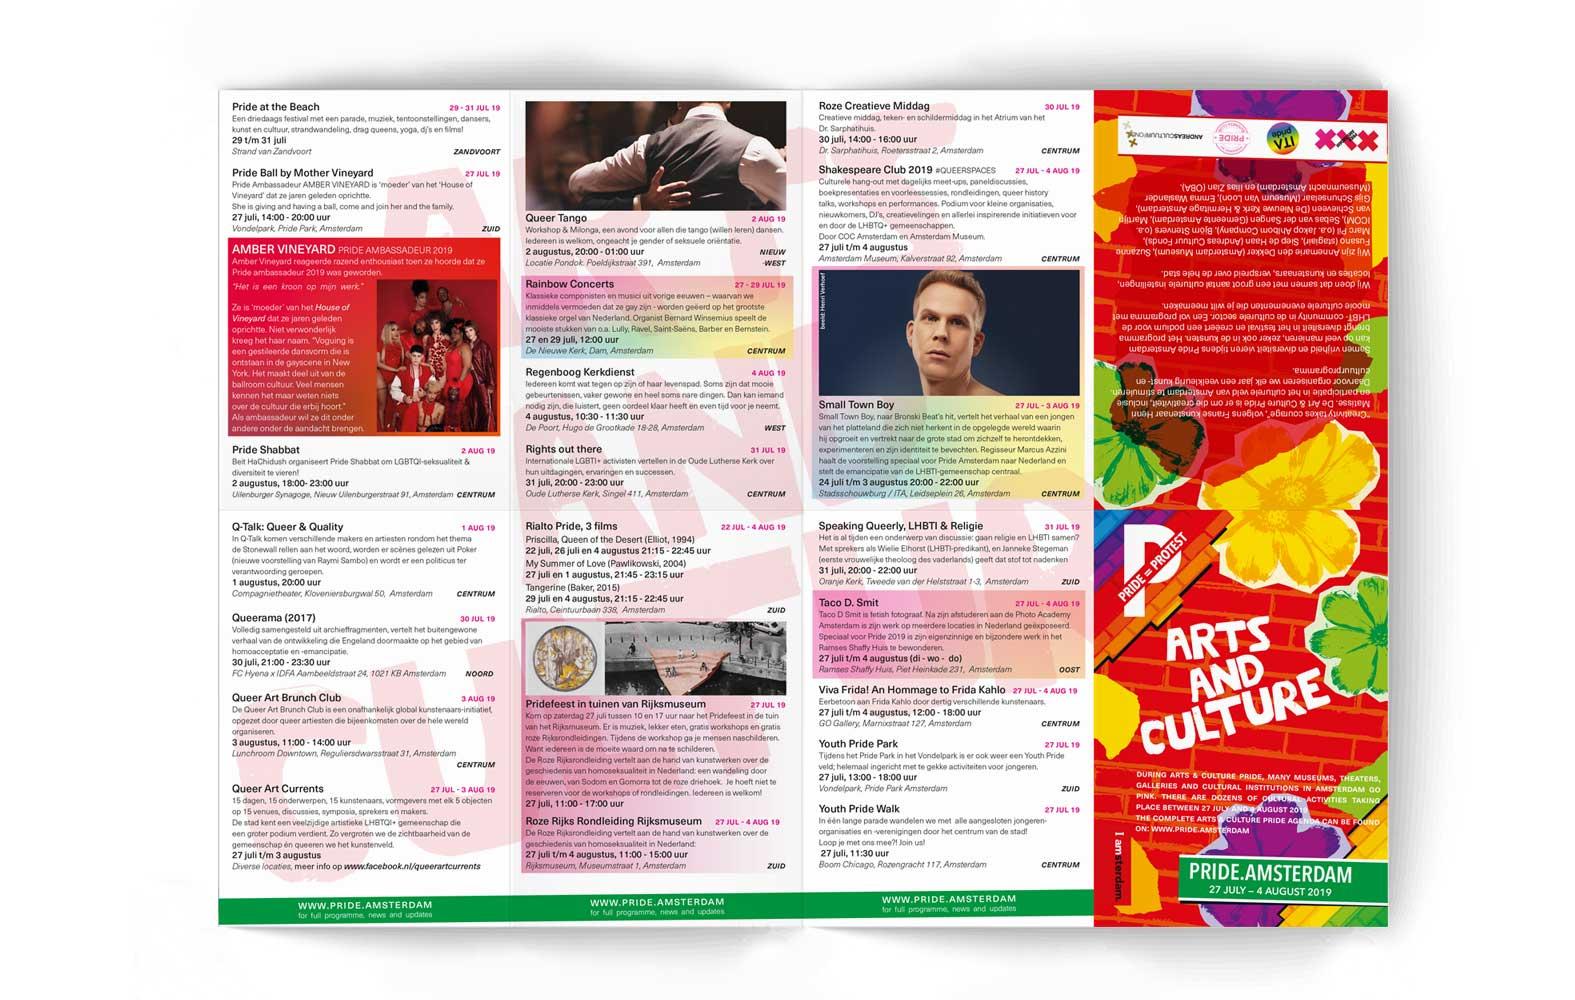 StudioErnst-Arts&CulturePride2019-2